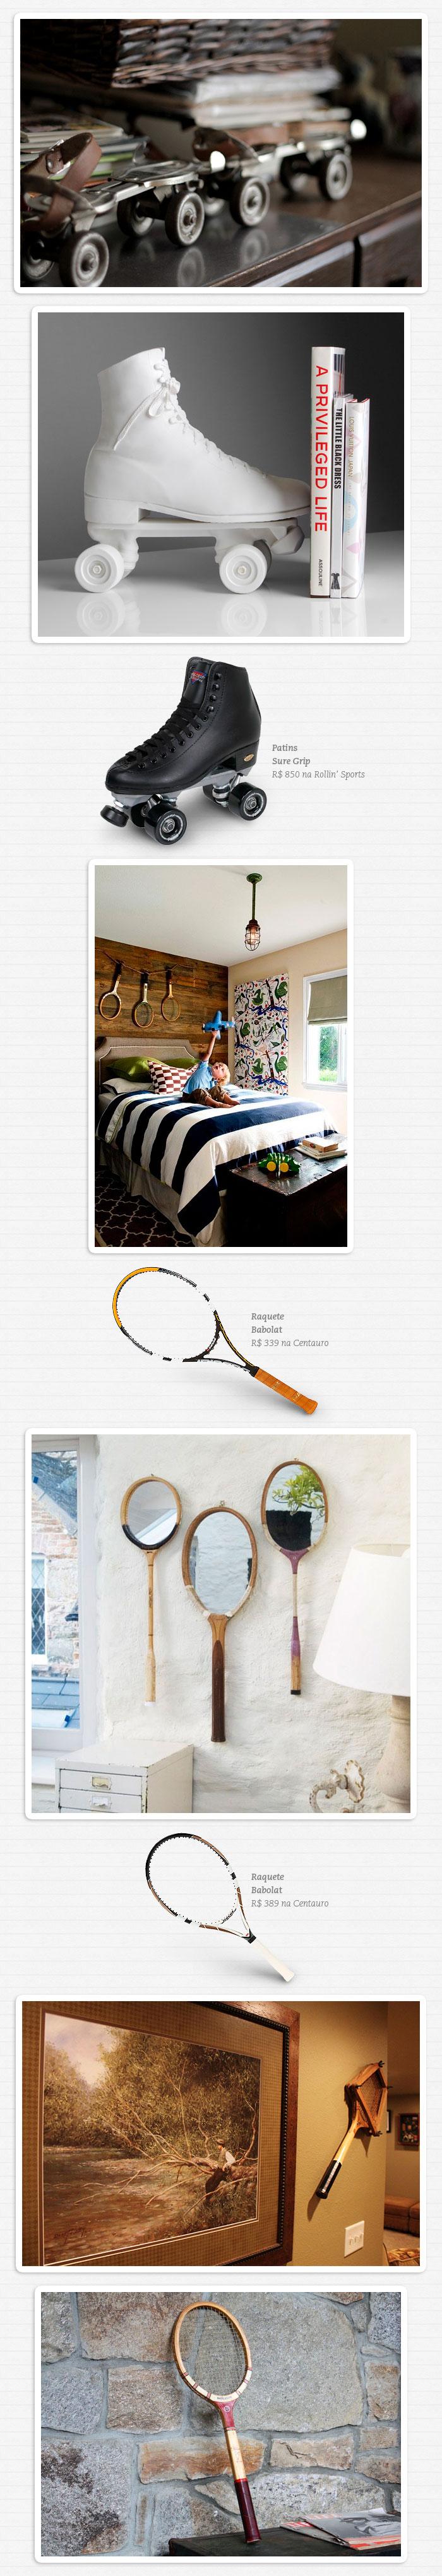 03-10-a-decorando-com-artigos-esportivos-02